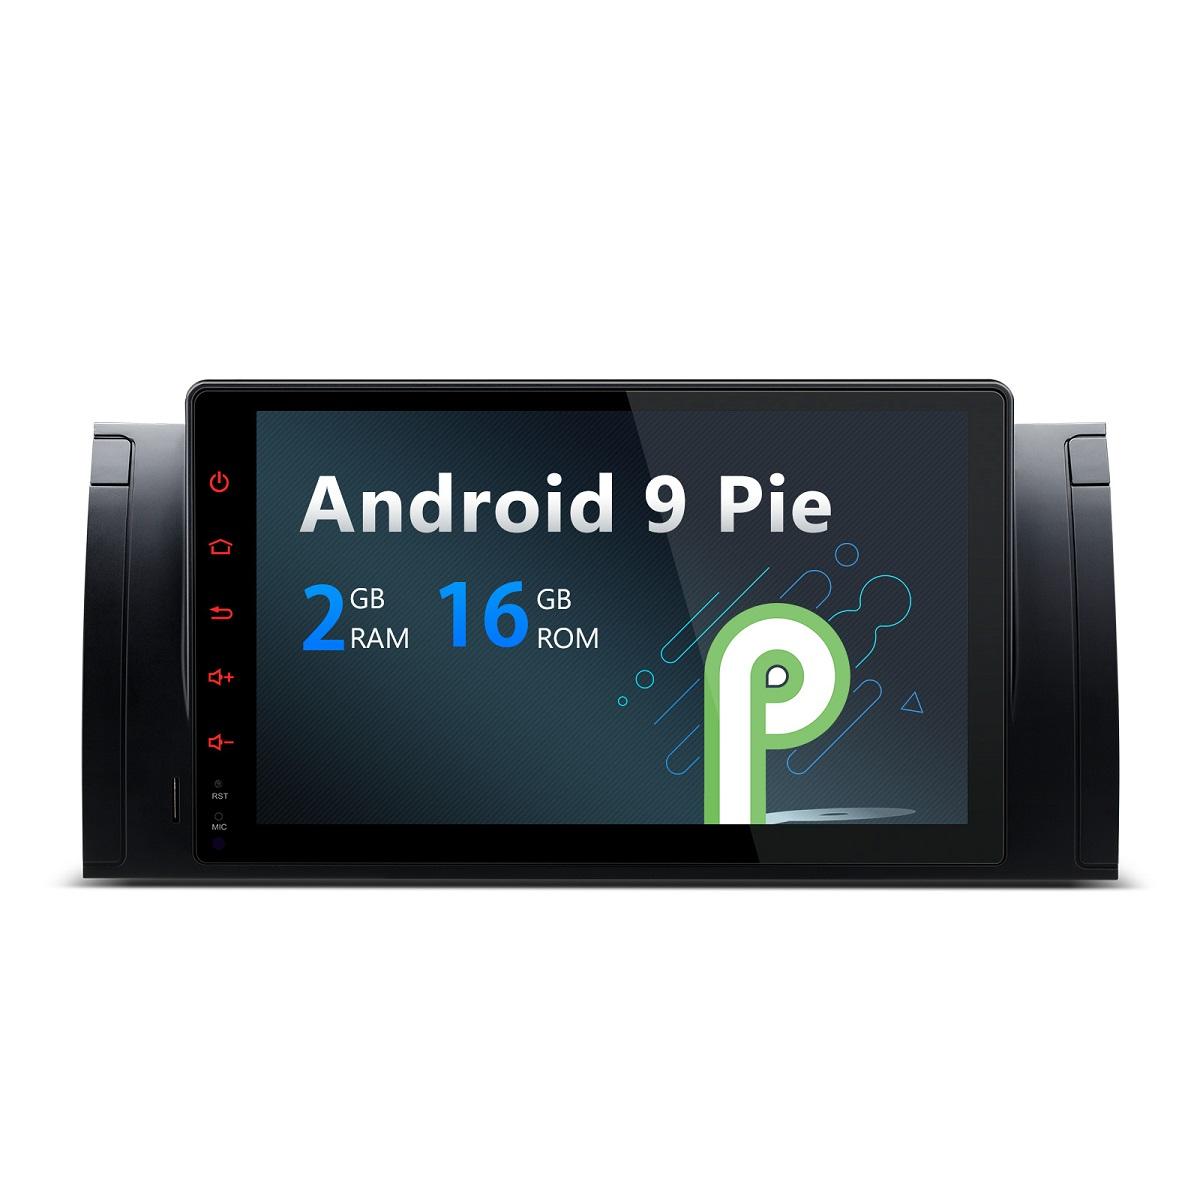 BMW E53車専用 Android9.0最新モデル (IN9953BPL)XTRONS BMW専用 Android9.0 2DIN カーナビ 9インチ 大画面 4コア RAM2GB 一体型車載PC 高画質 カーオーディオ 4G WIFI GPS ミラーリング OBD2対応 DVR対応 Bluetooth (BMW E53)